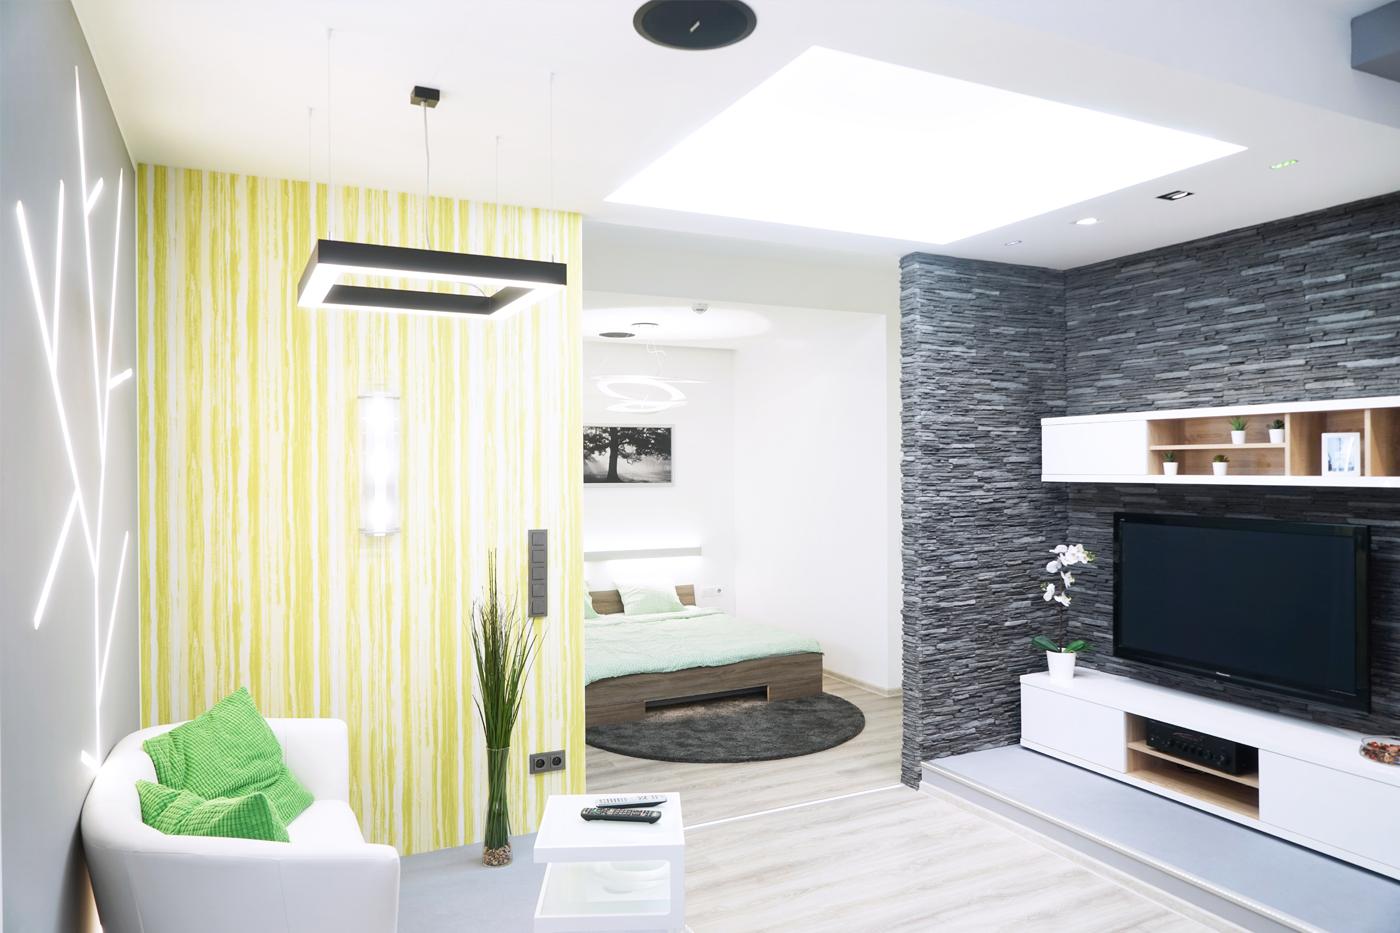 Byly vybudovány niky, snížené stropy a předsazené příčky, které dělí prostor na jednotlivé pokoje.